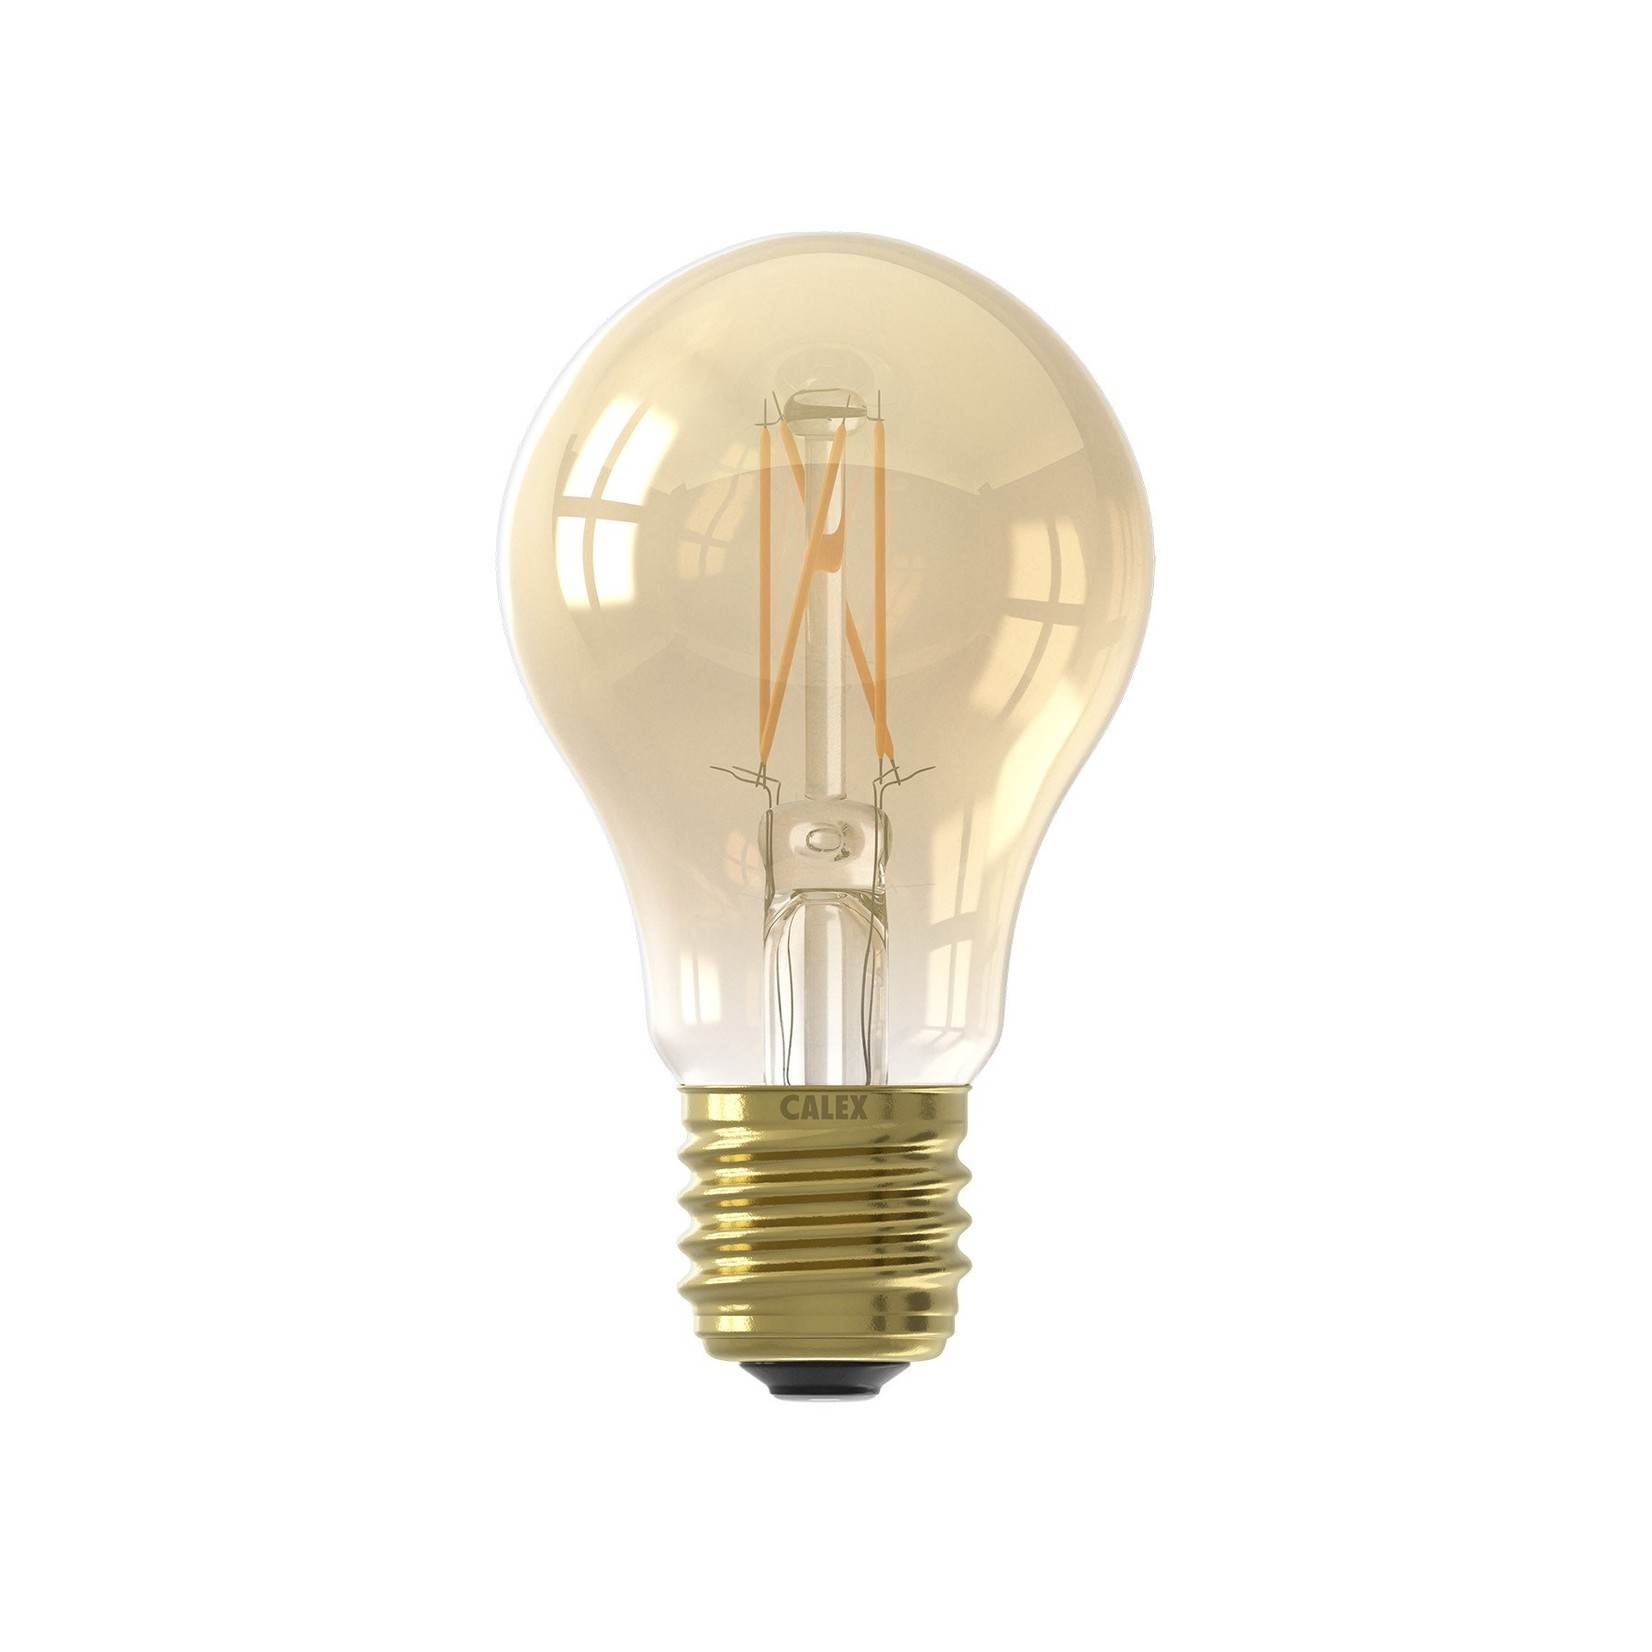 LED A60 4W 230V E27 2100K GOLD